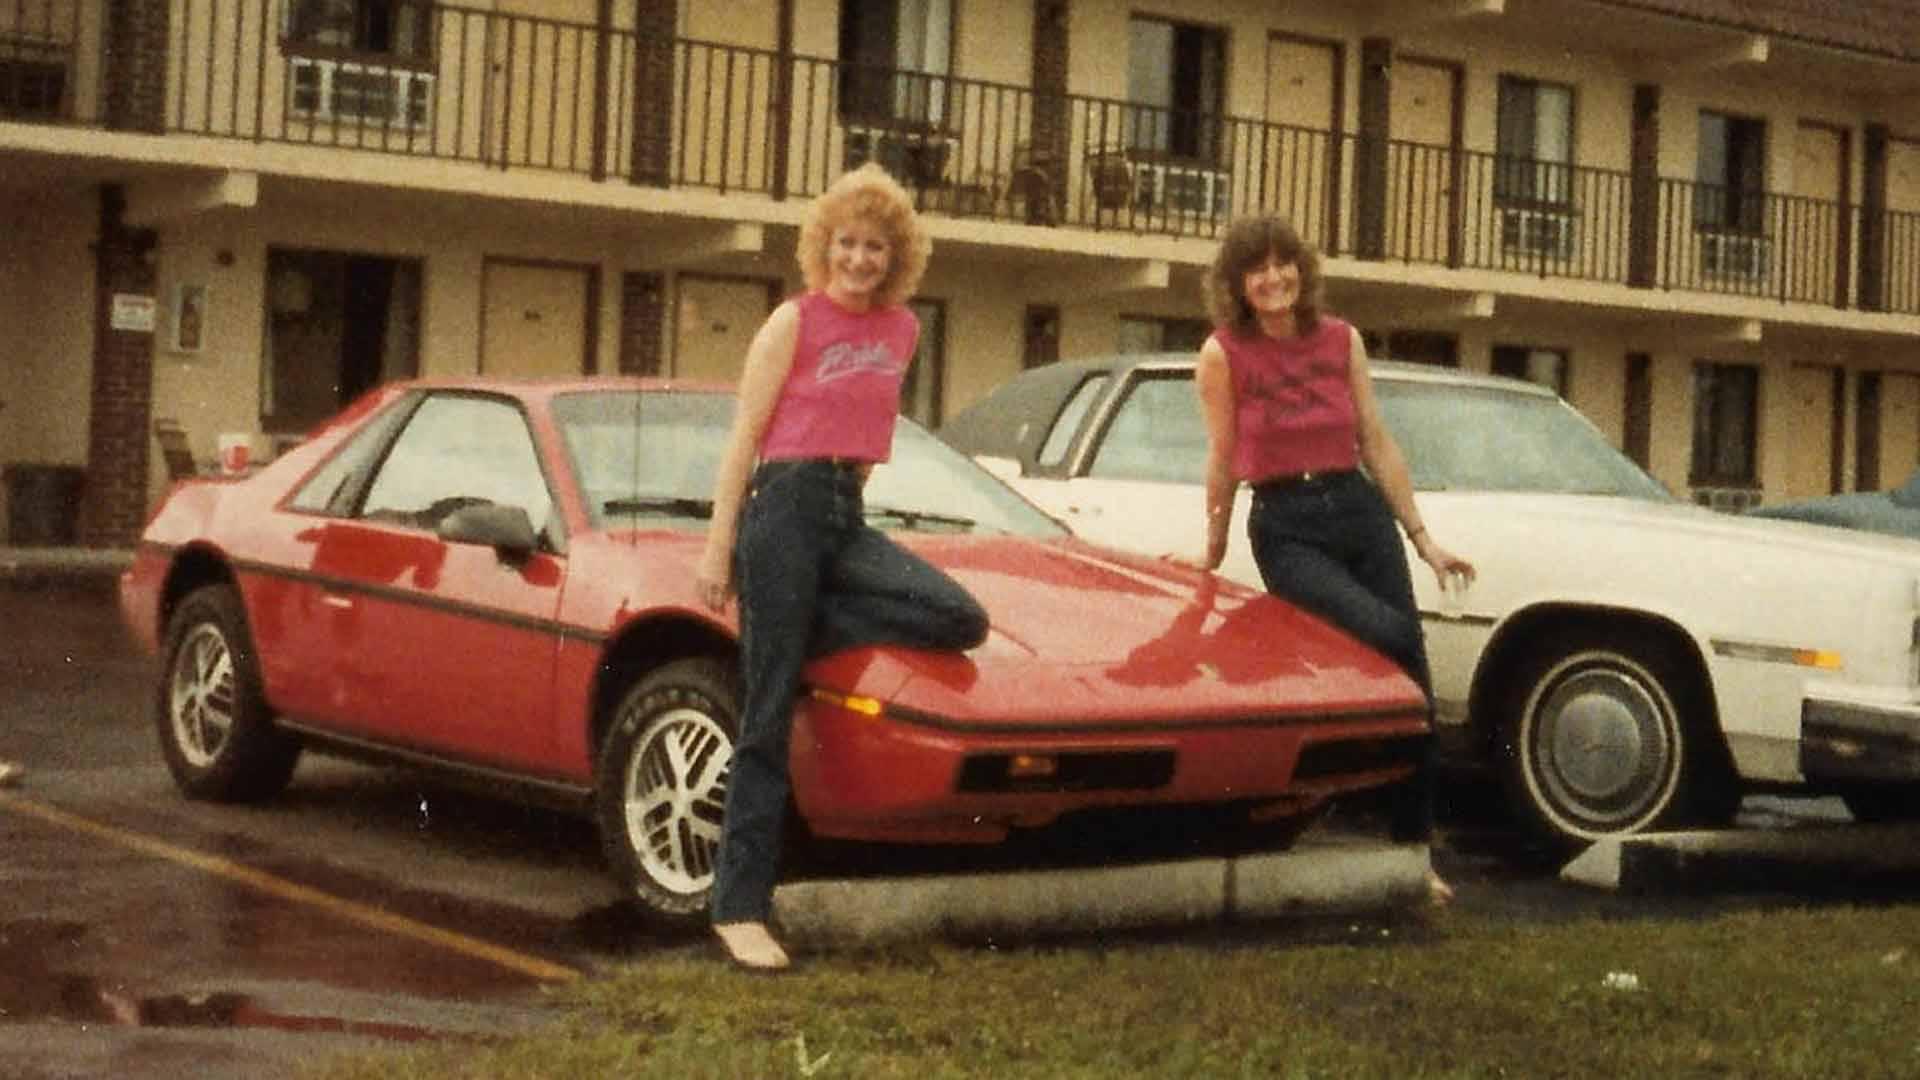 1984 Pontiac Fiero With Love From Mom